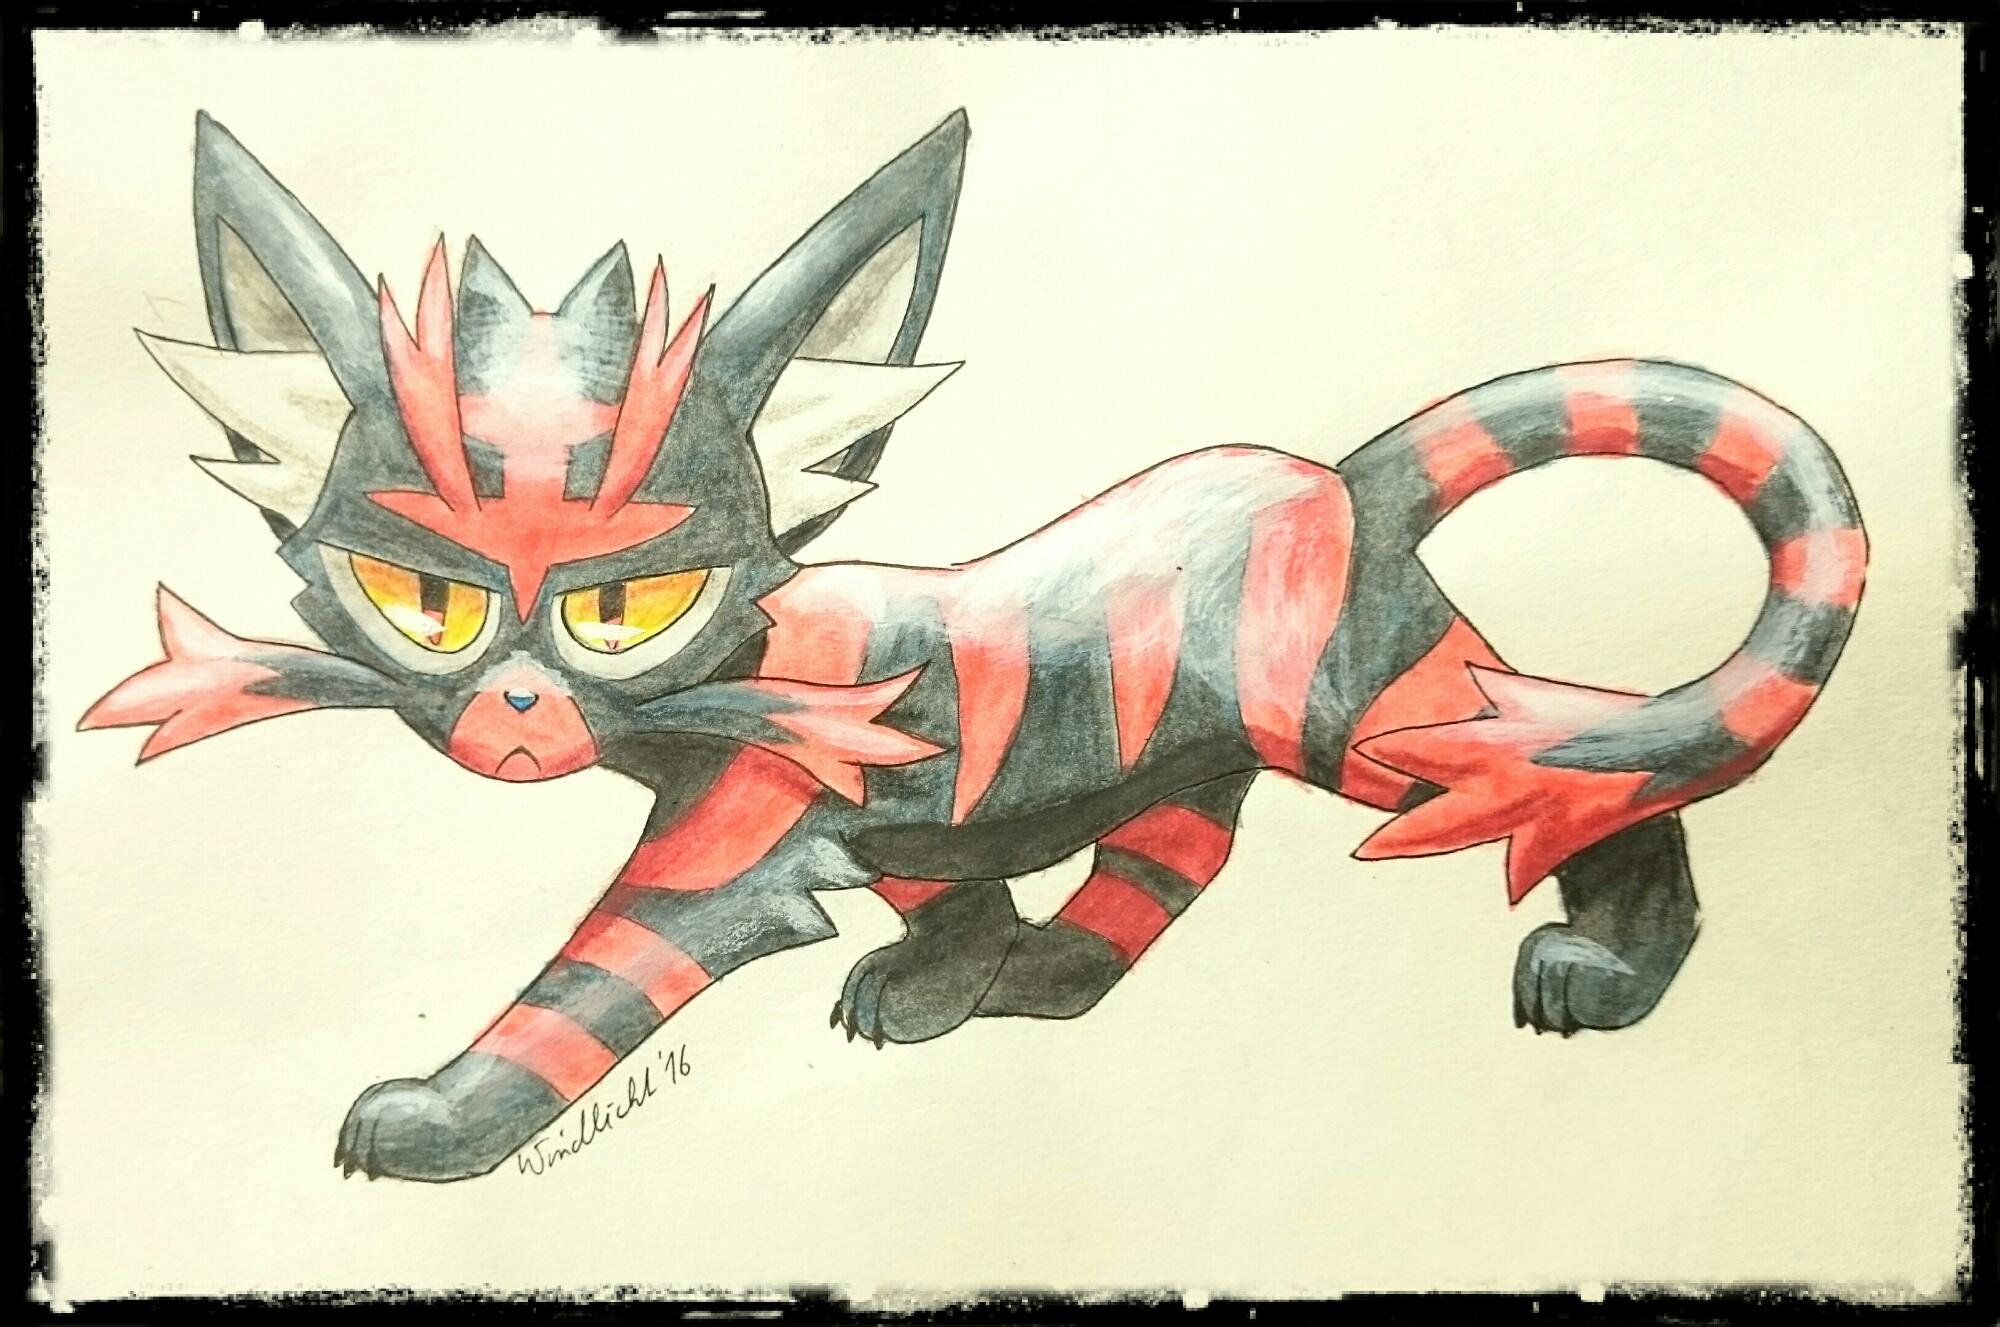 Pokémon-Zeichnung: Entwicklung von Flamiau